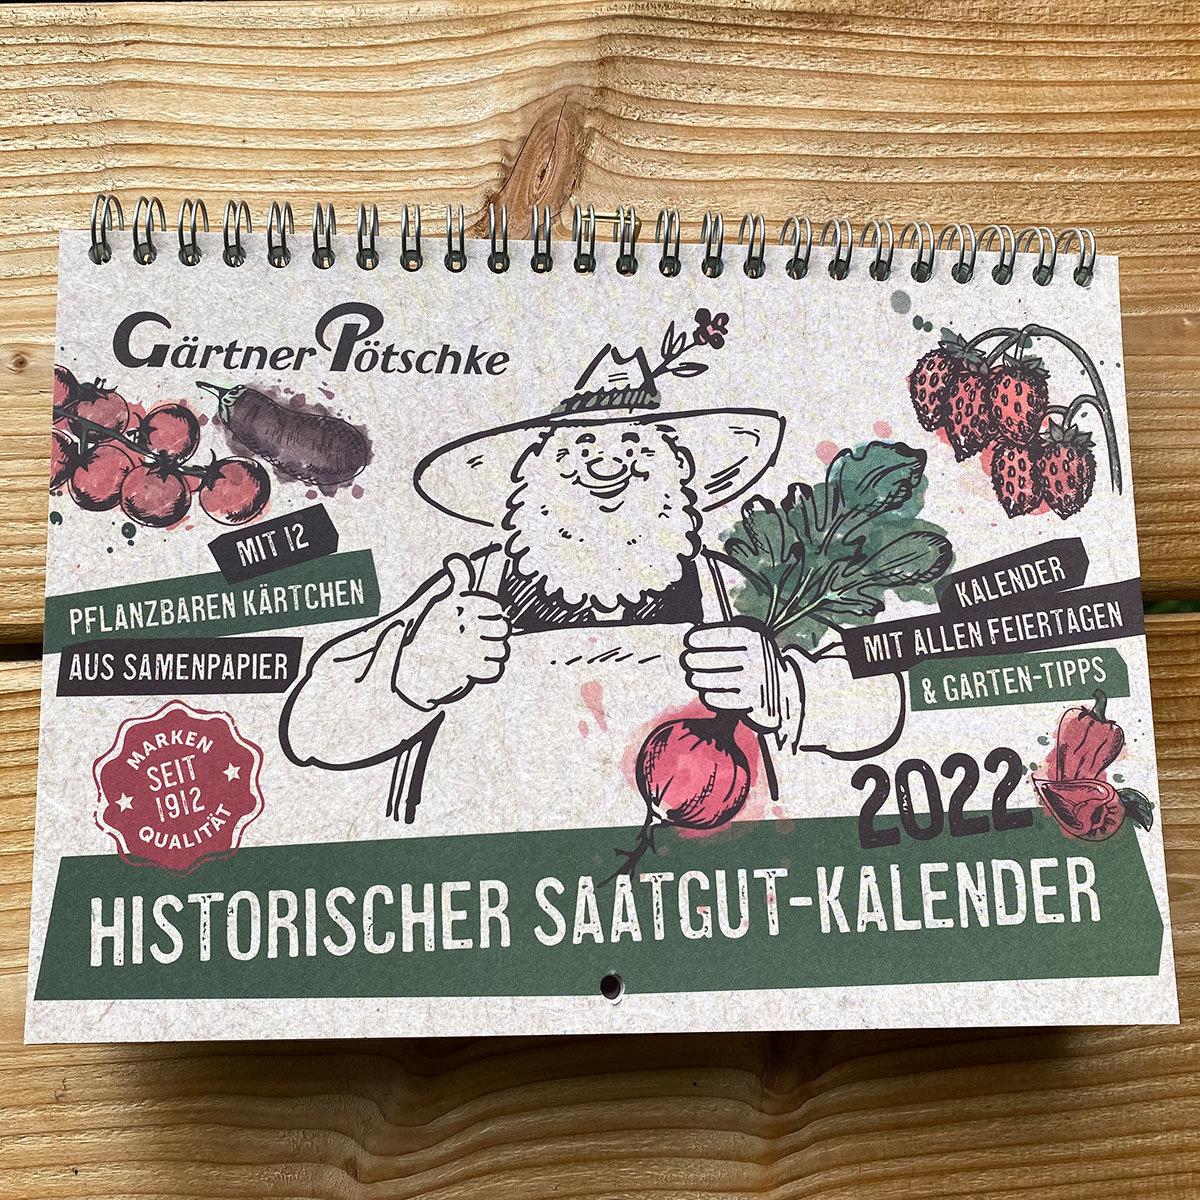 Einpflanzbarer Kalender - Historisches Saatgut | #2